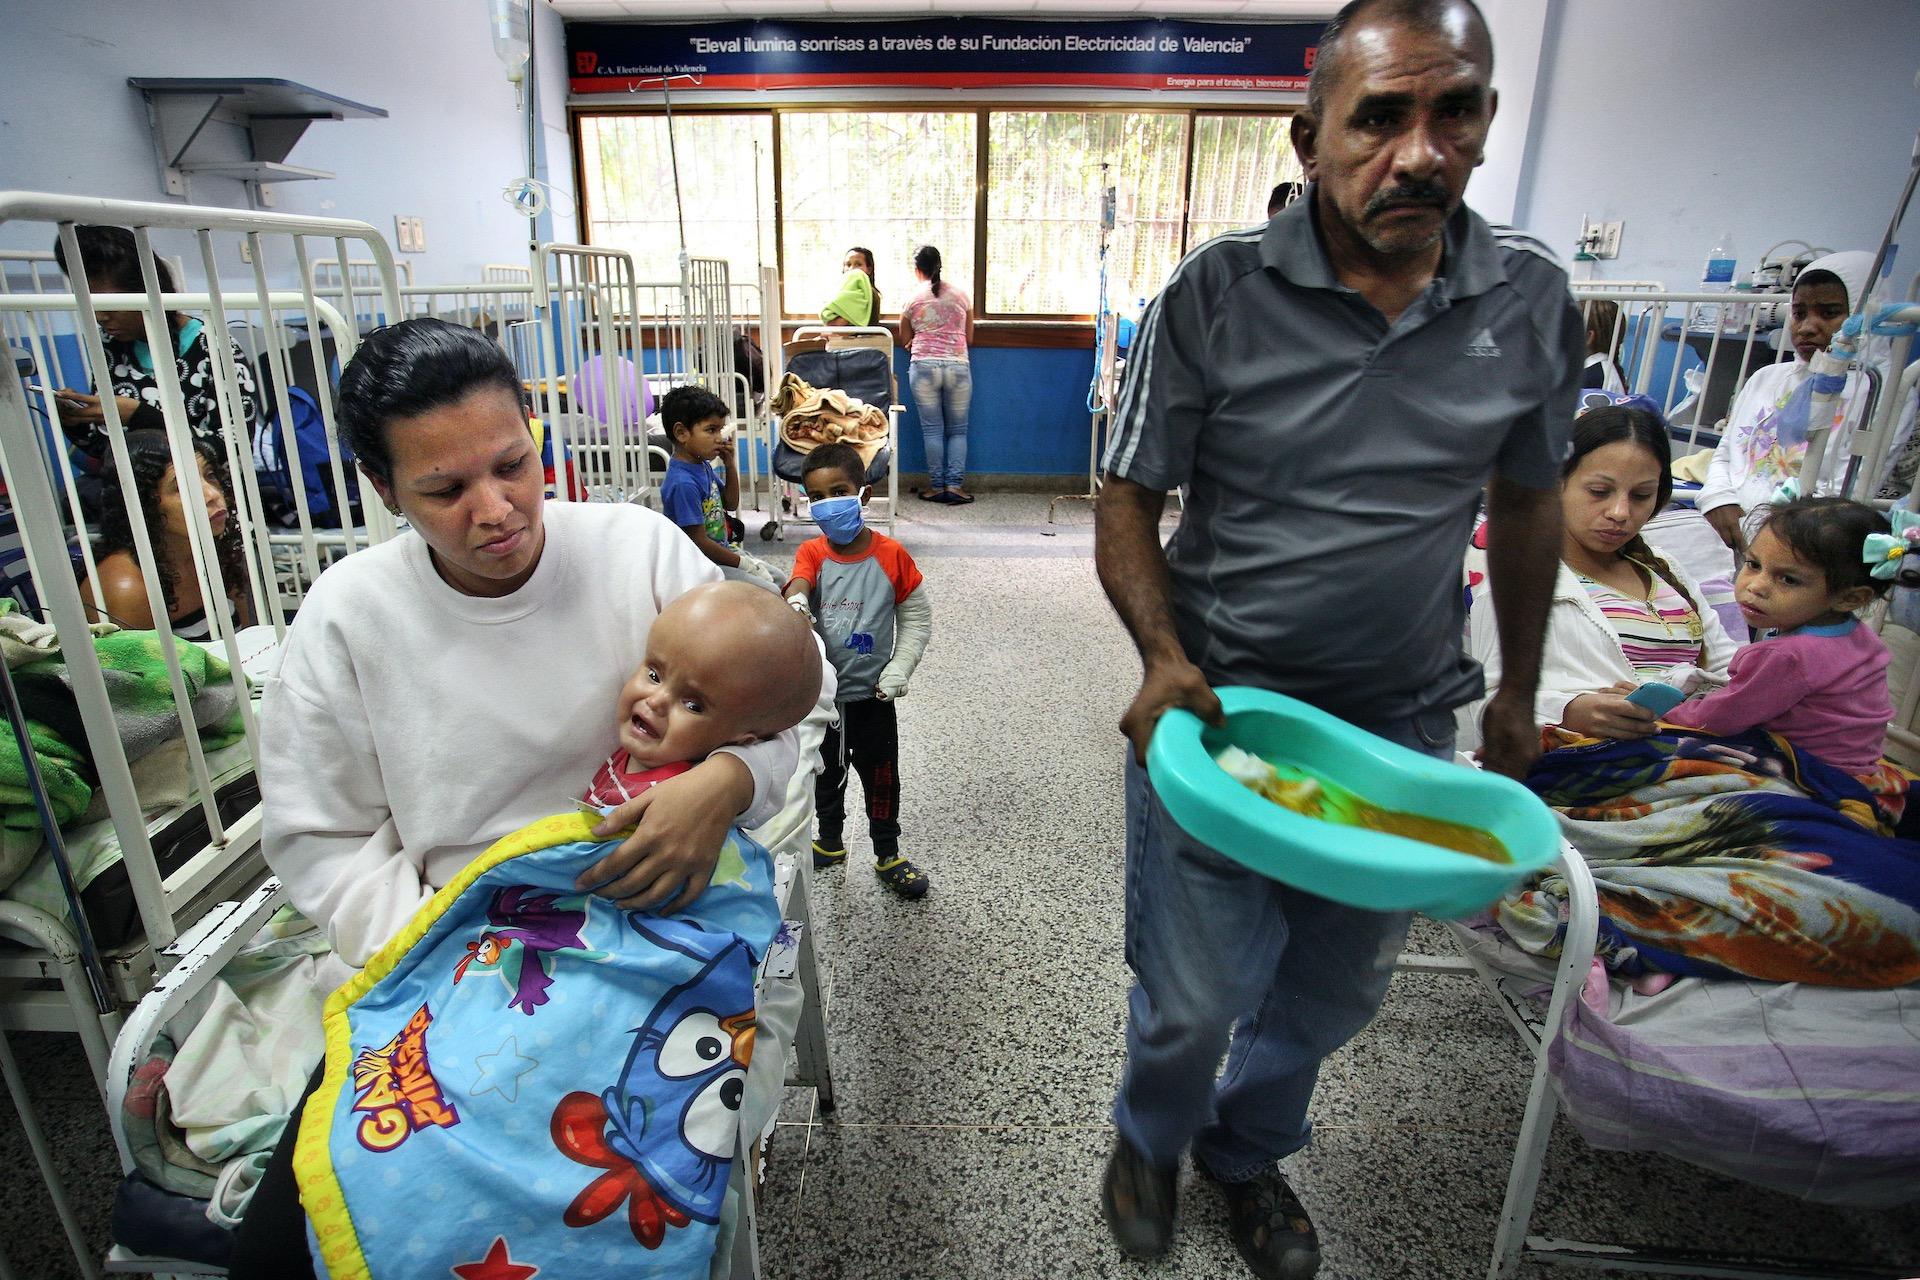 De situatie in Venezuela is al lange tijd zorgwekkend. Er zijn grote tekorten en de impact op de gezondheidszorg is groot. Ziekenhuizen kampen met tekorten aan alles. Medicijnen zijn niet te verkrijgen of onbetaalbaar. Het Rode Kruis levert medicijnen en andere medische voorzieningen aan ziekenhuizen, o.a. generatoren. De elektriciteit valt regelmatig uit, wat gevaarlijk is voor de patiënten die afhankelijk zijn van medische apparatuur. Door de stroomuitval zijn ook veel medische apparaten kapot gegaan en onbruikbaar geworden.